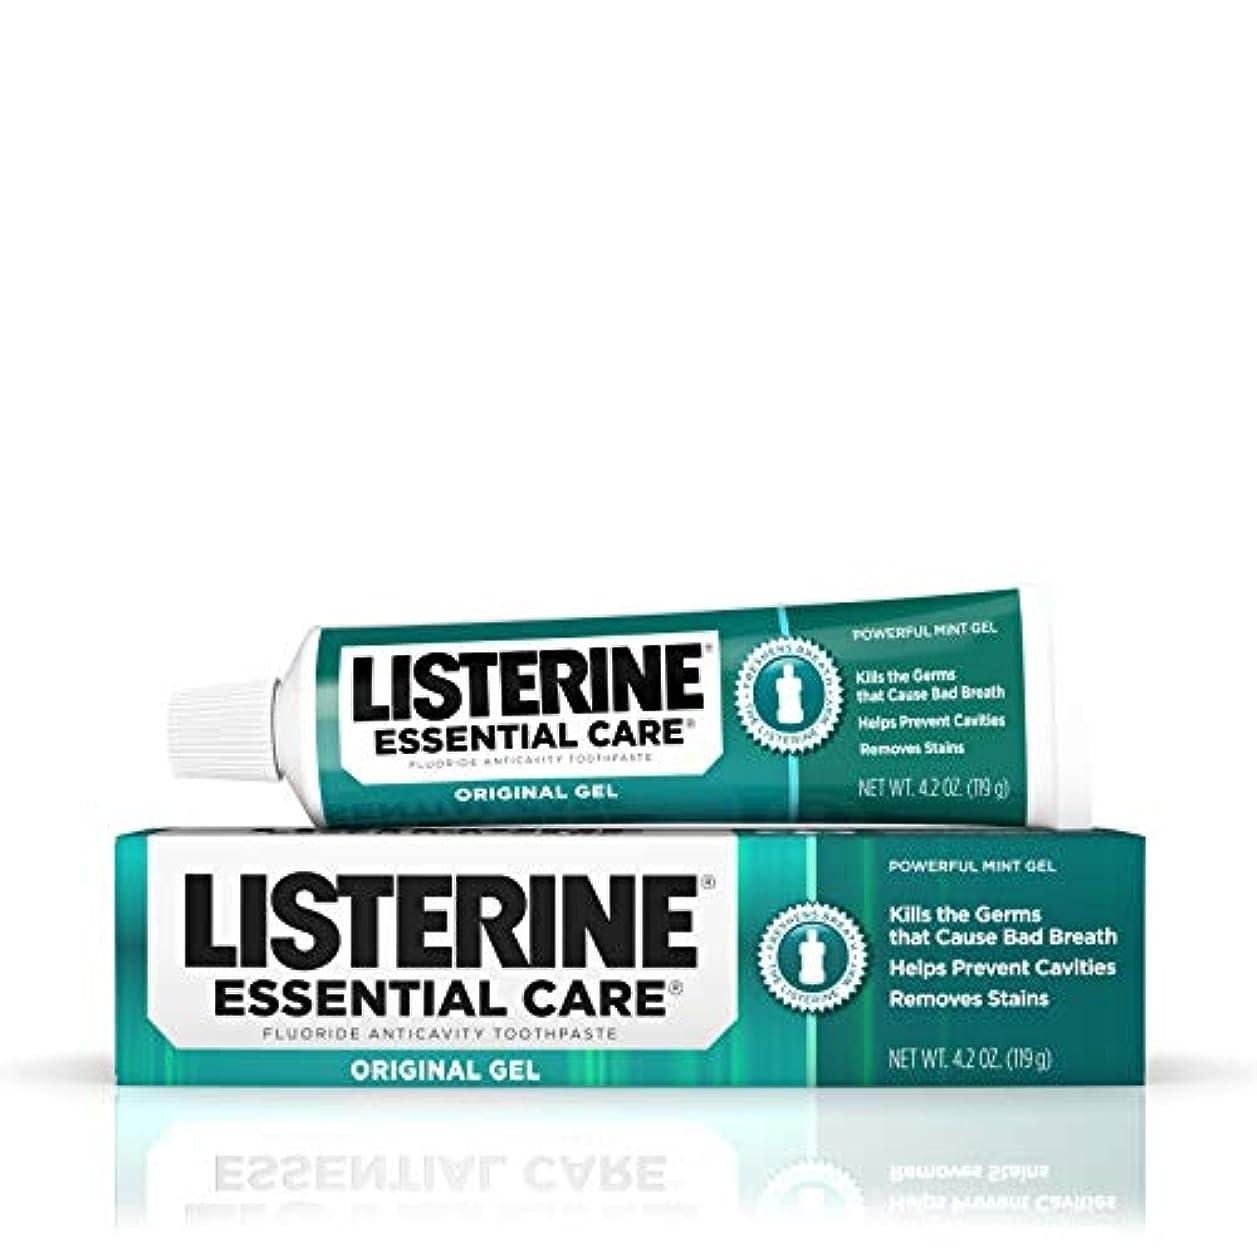 ジャム火山保証する海外直送品Listerine Essential Care Toothpaste Gel Original, Powerful Mint 4.2 oz by Listerine